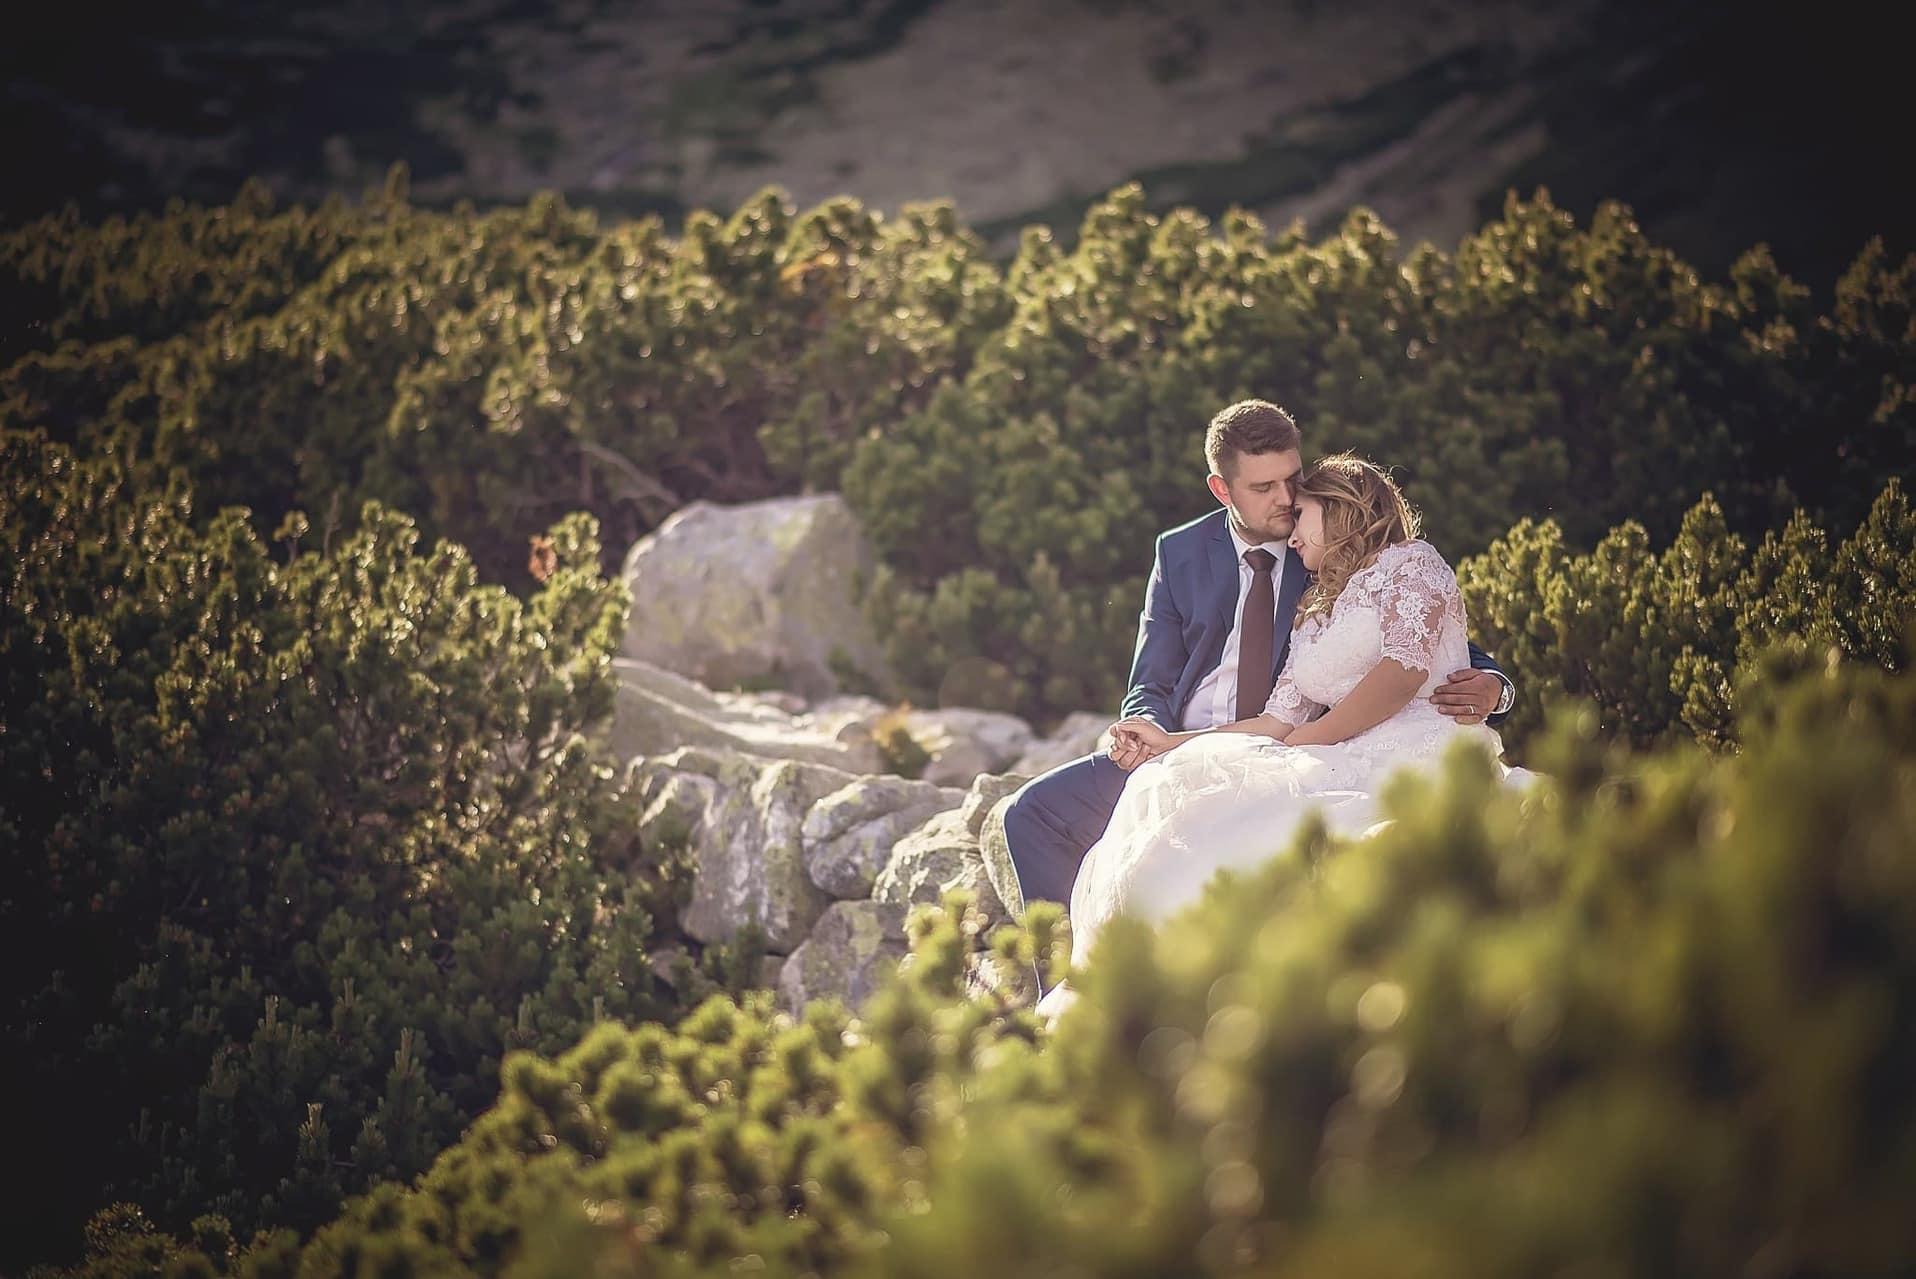 svadobné fotografie a svadobné príbehy